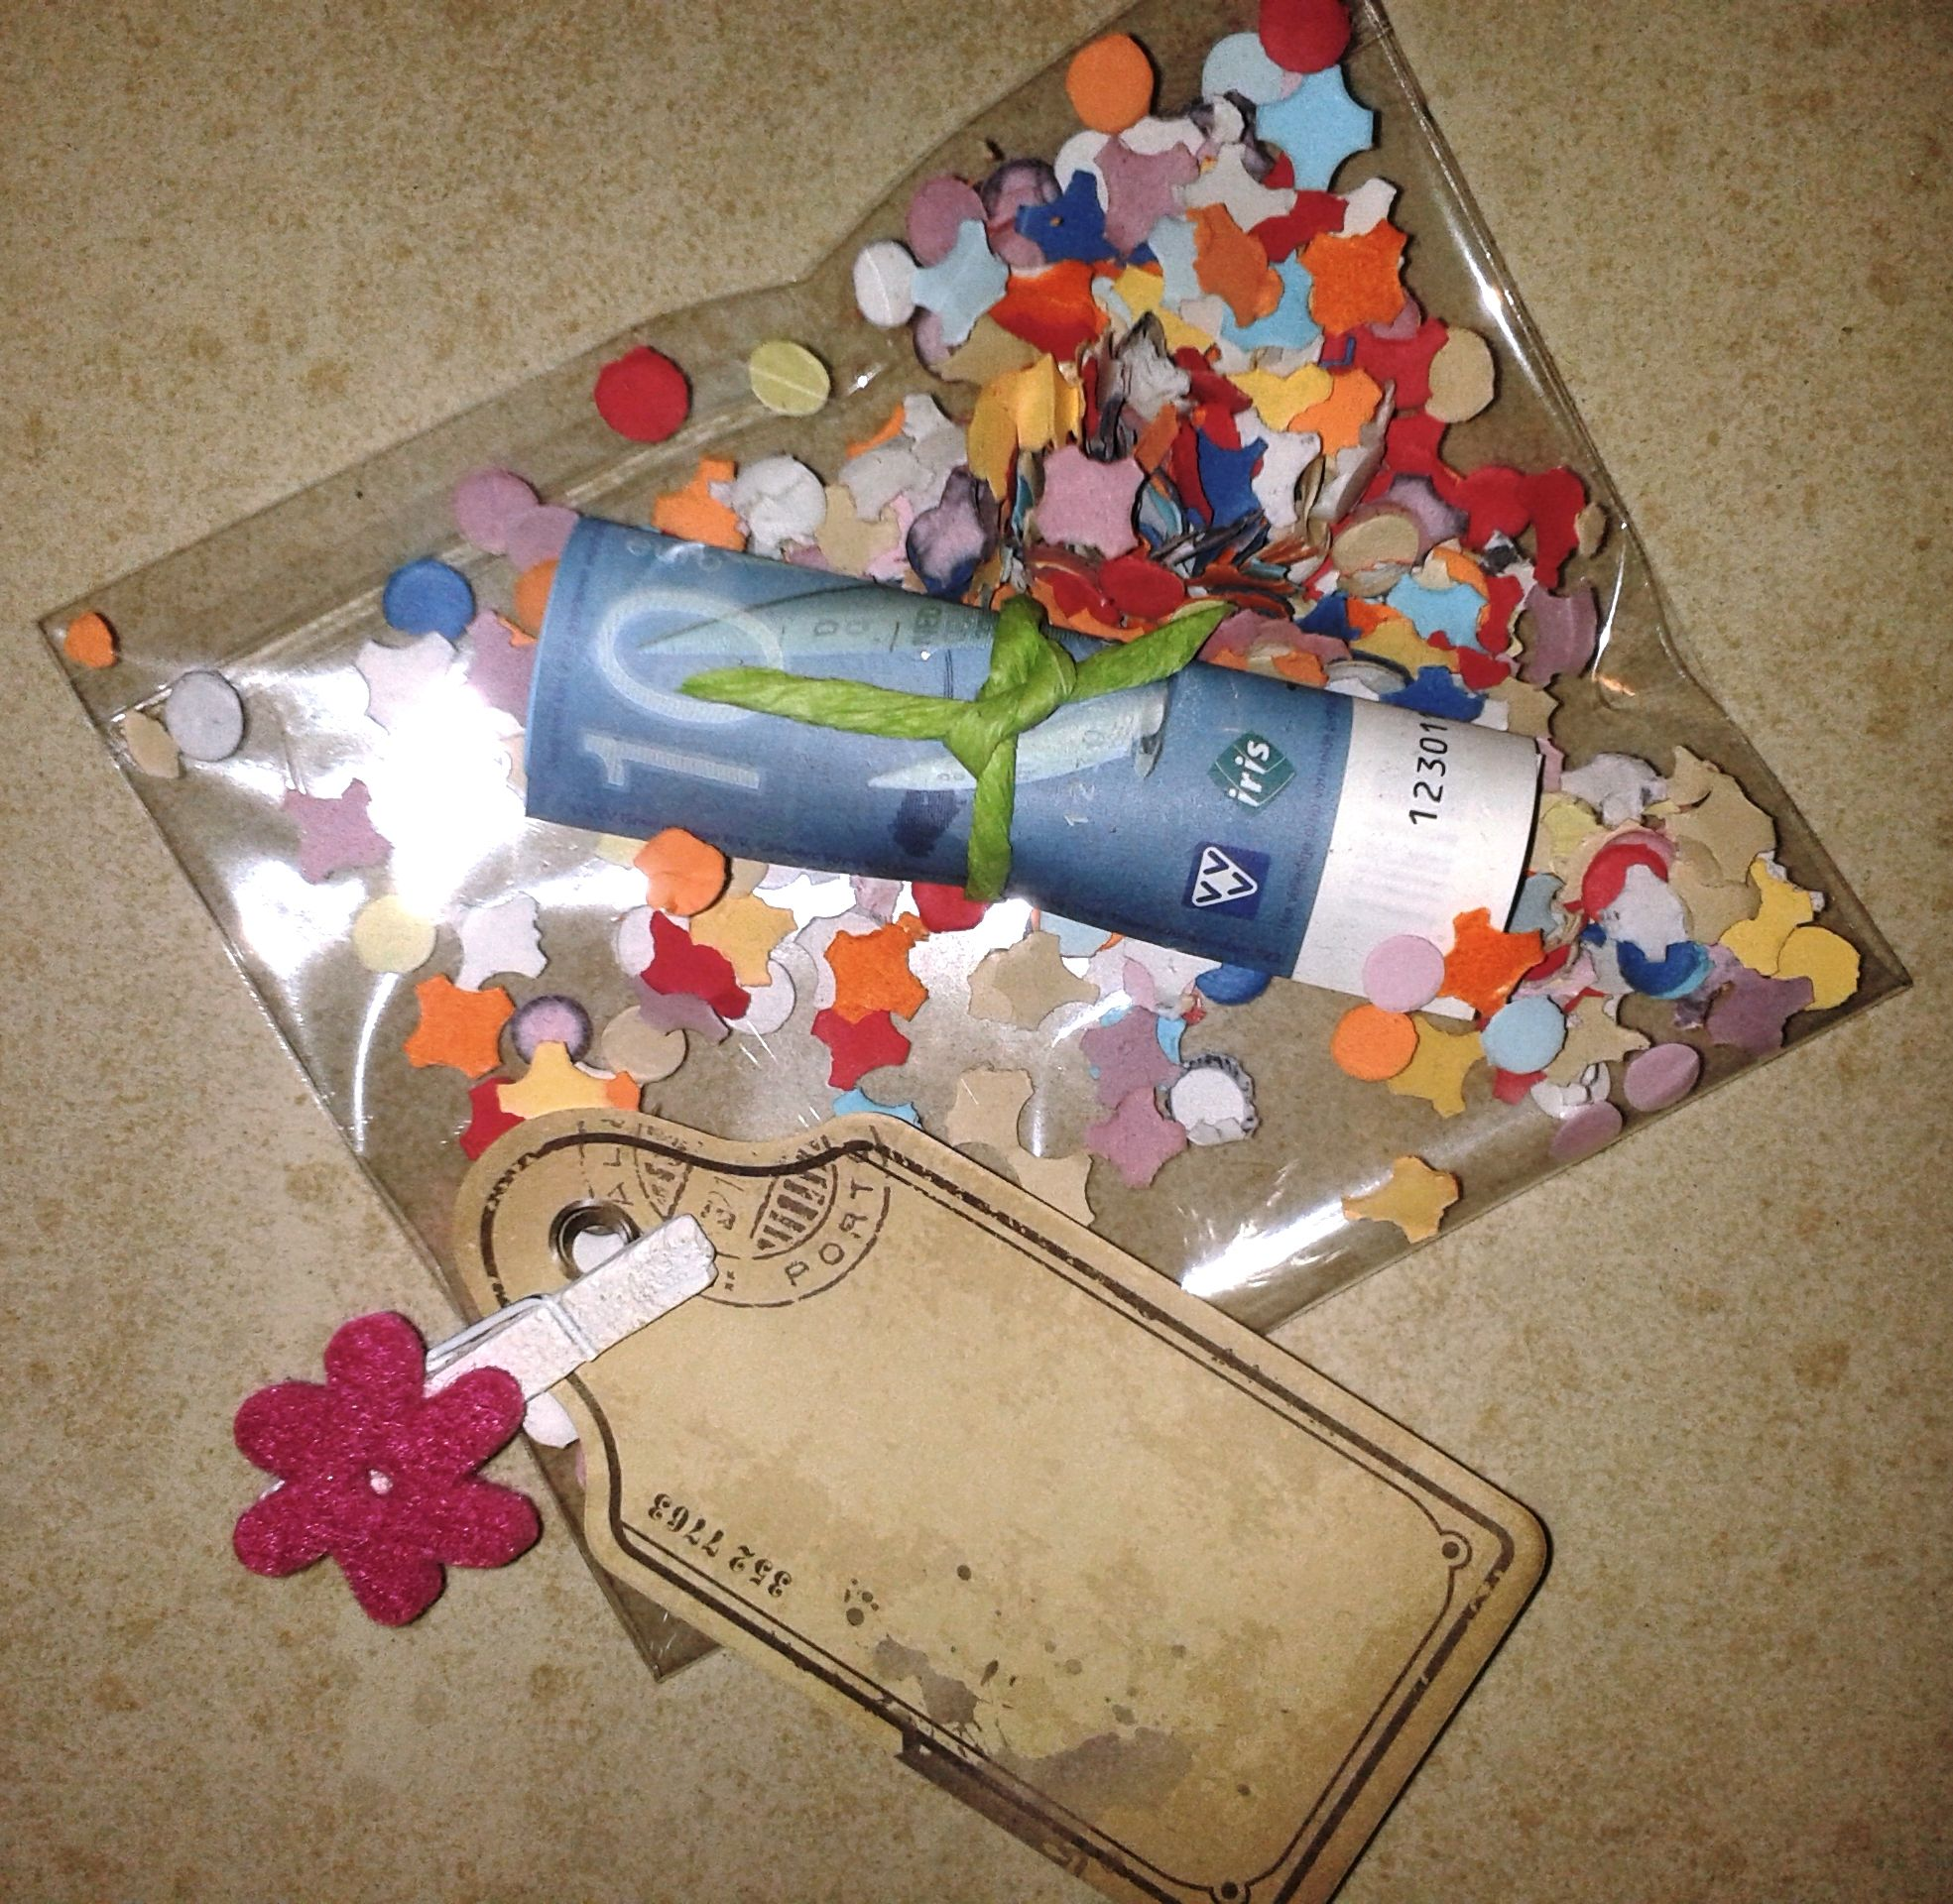 Geld Geven Als Cadeau In Een Zakje Met Confetti Feestelijk